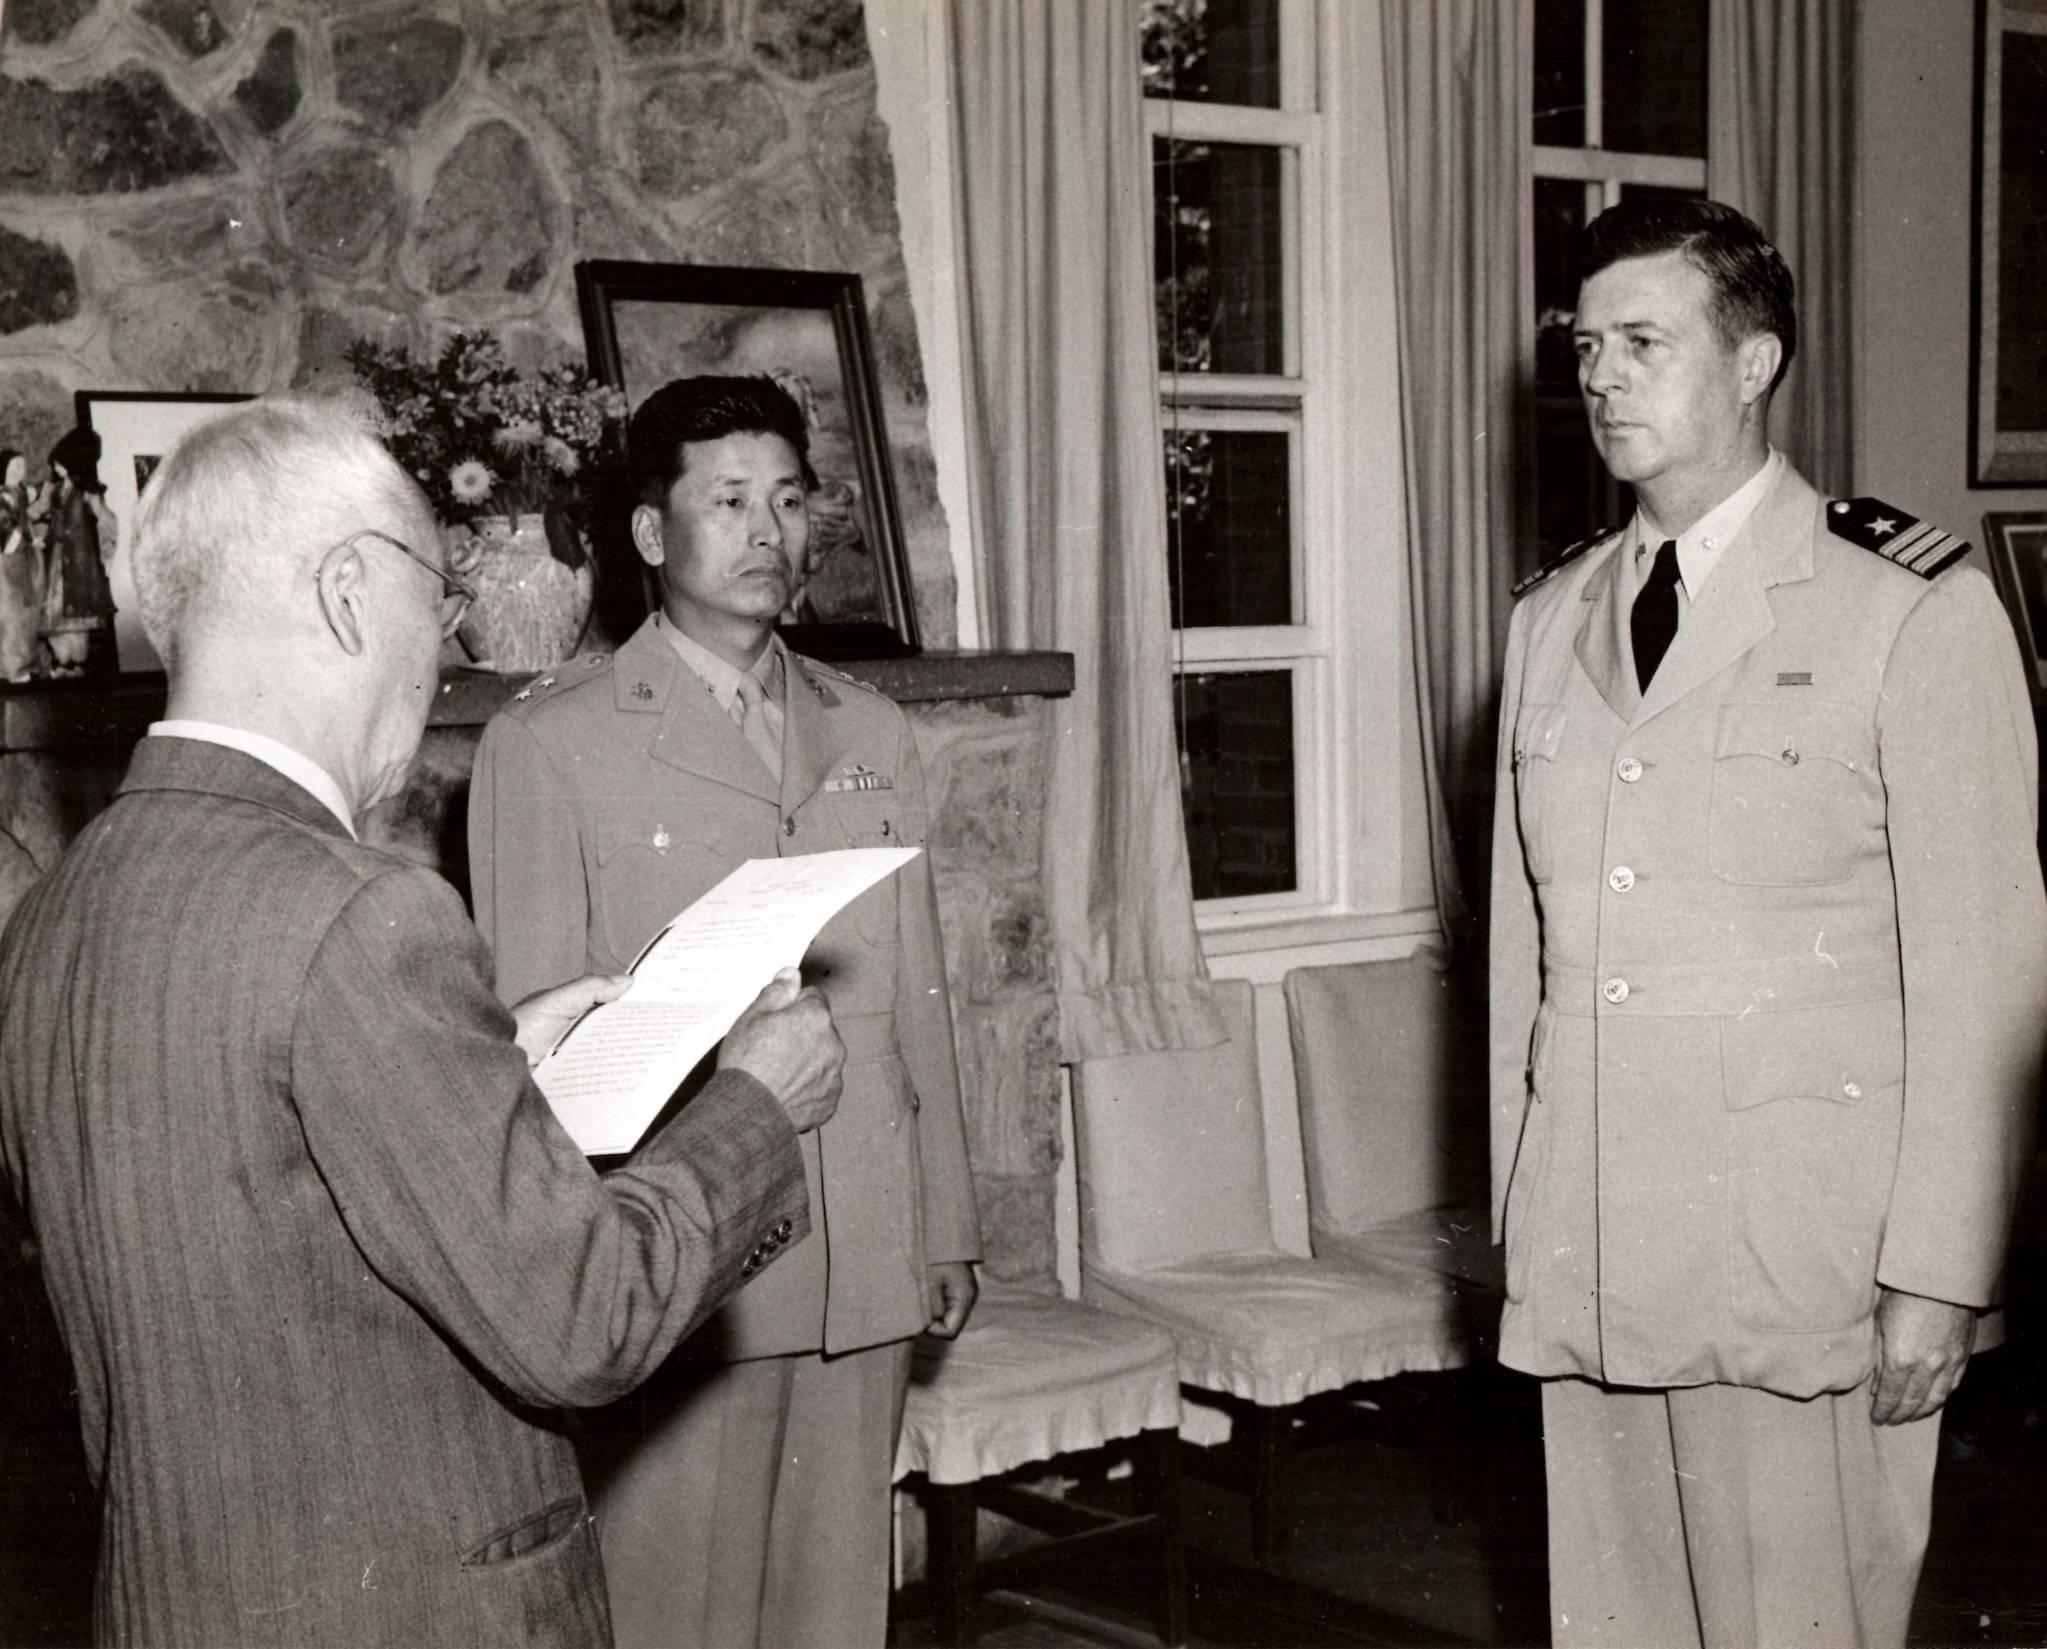 마이클 루시 대령이 이승만 대통령에게 태극무공훈장을 받고 있는 모습. 이때 그는 중령이었으며 51년 9월 대령으로 진급했다. [사진 해군]